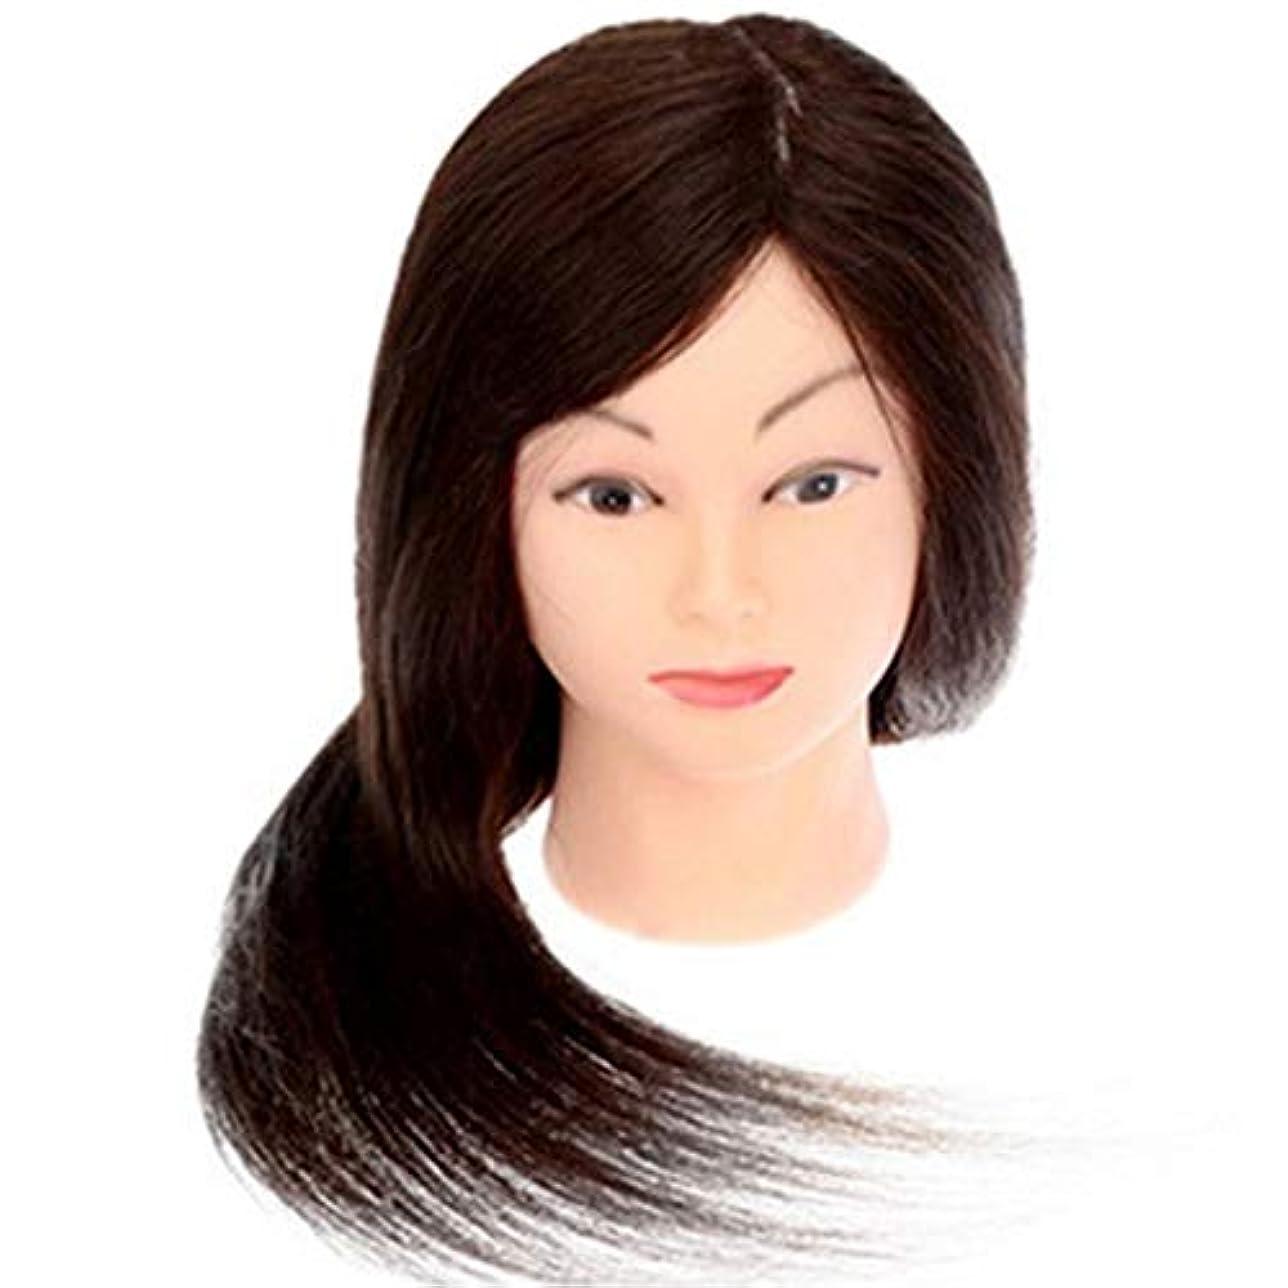 ポール弱点有彩色のメイクアップエクササイズディスク髪編組ヘッド金型デュアルユースダミーヘッドモデルヘッド美容ヘアカットティーチングヘッドかつら